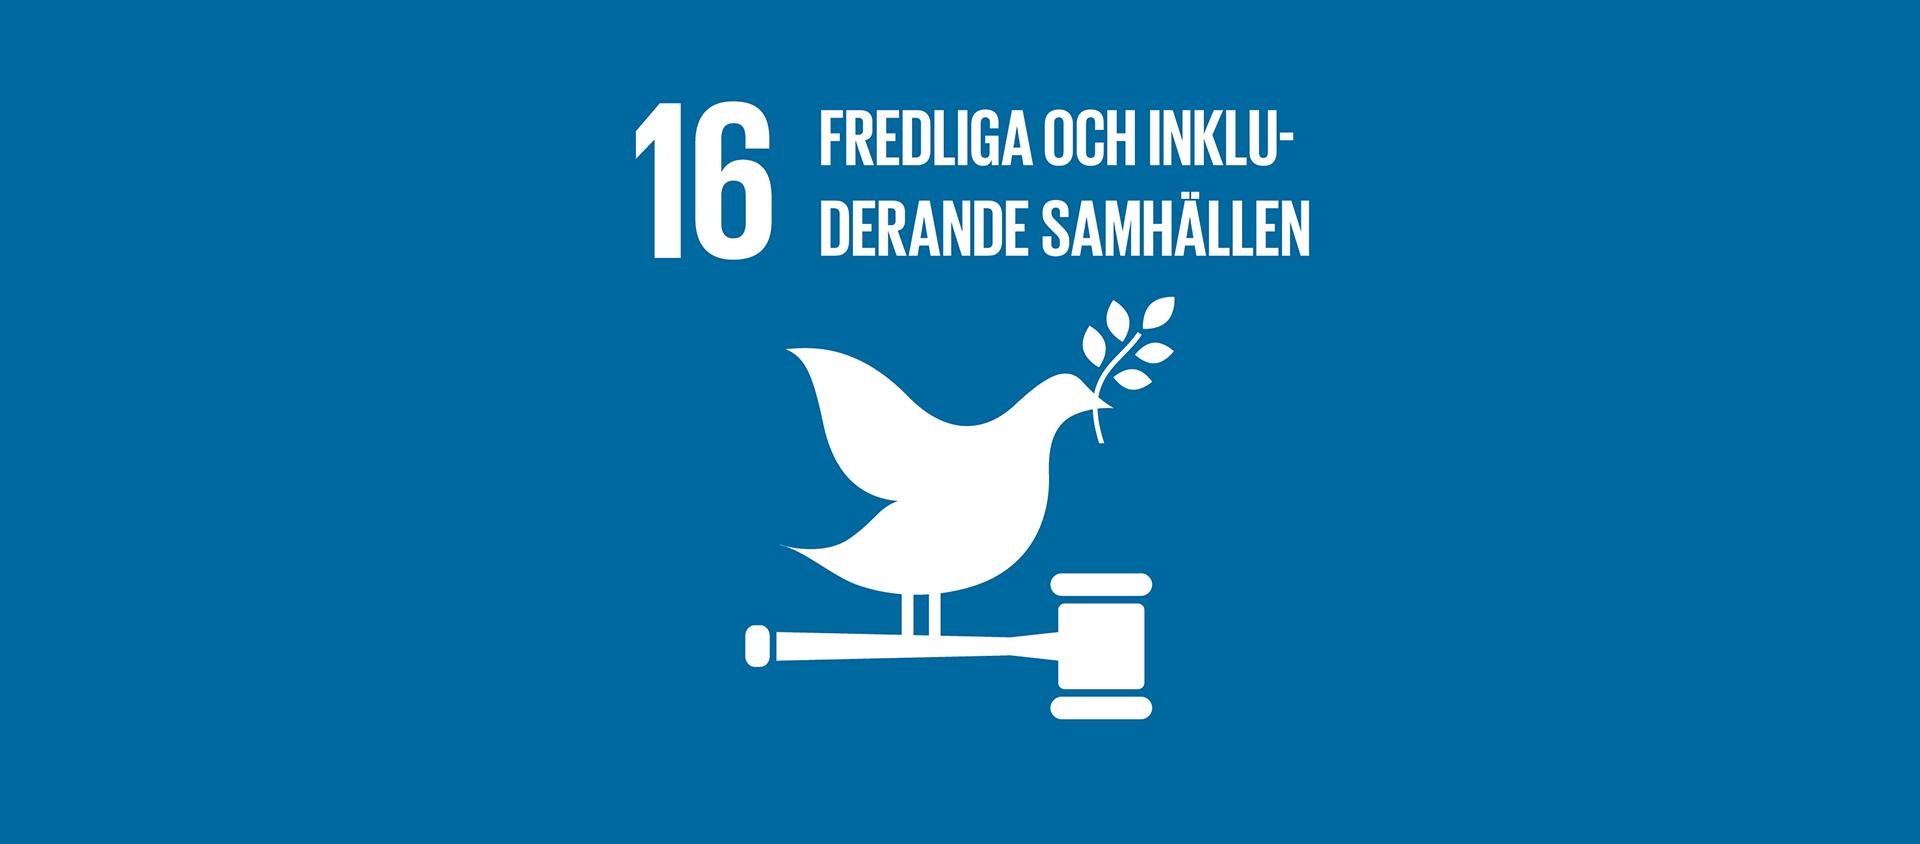 Globala målen 16 - Fredliga och inkluderande samhällen.